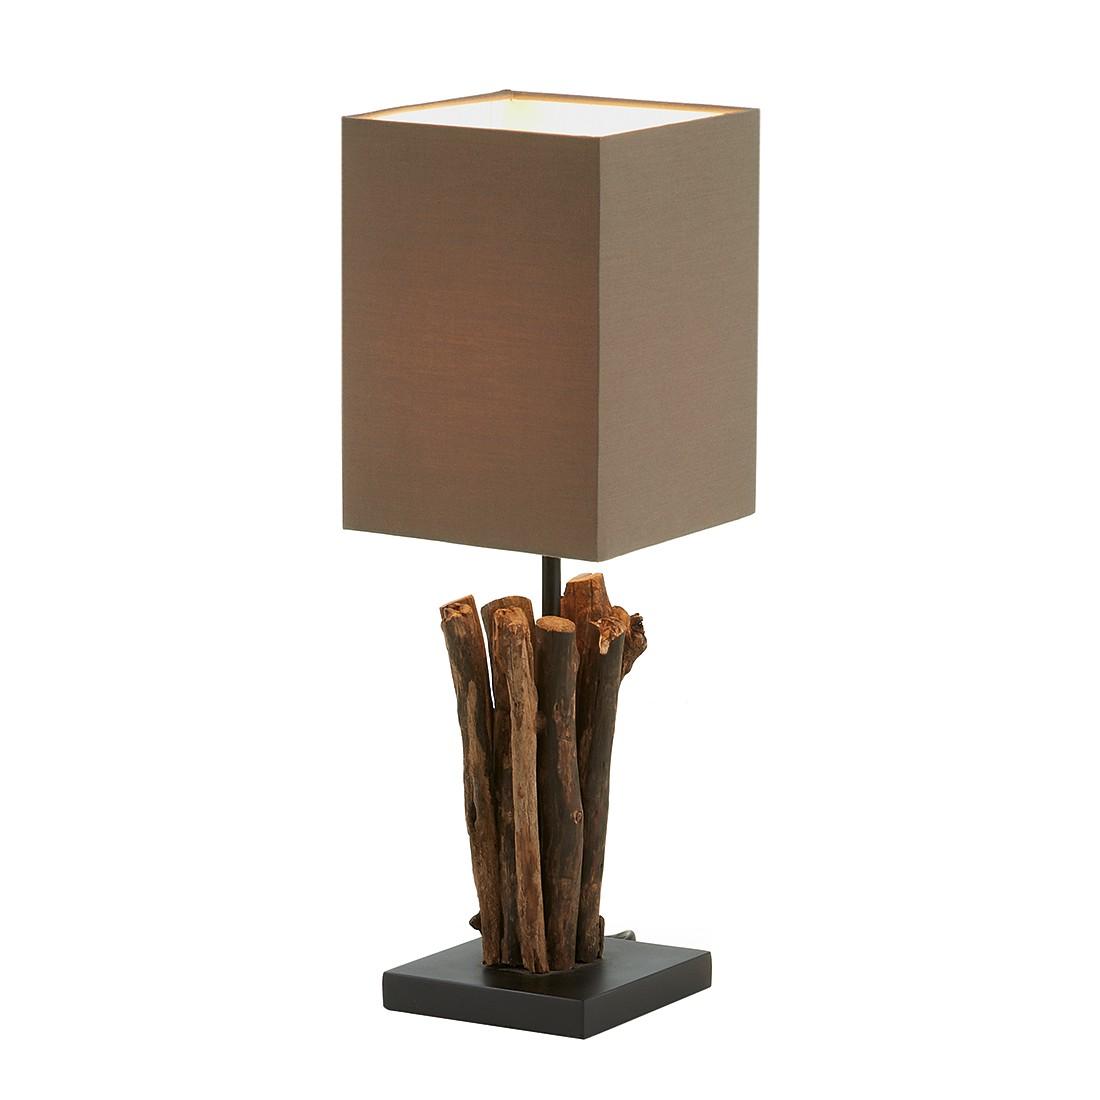 Lampe de table Antares by Julià